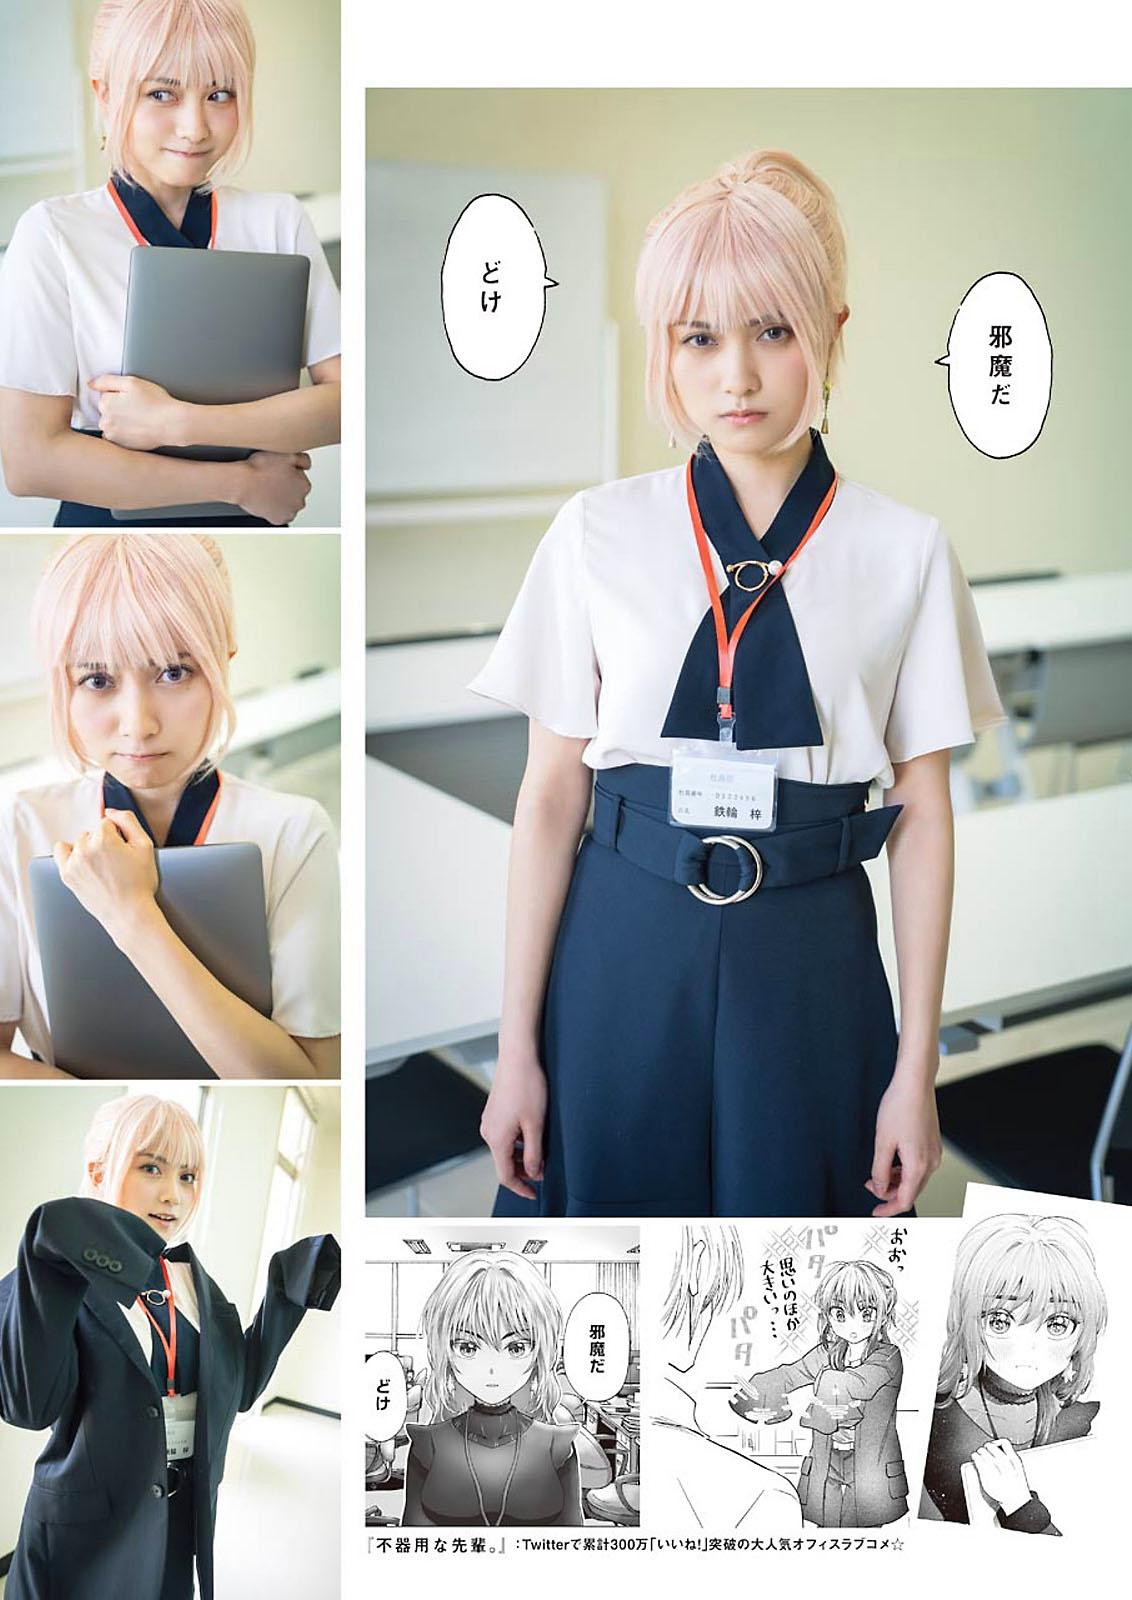 Nashiko Momotsuki Young Gangan 210604 06.jpg